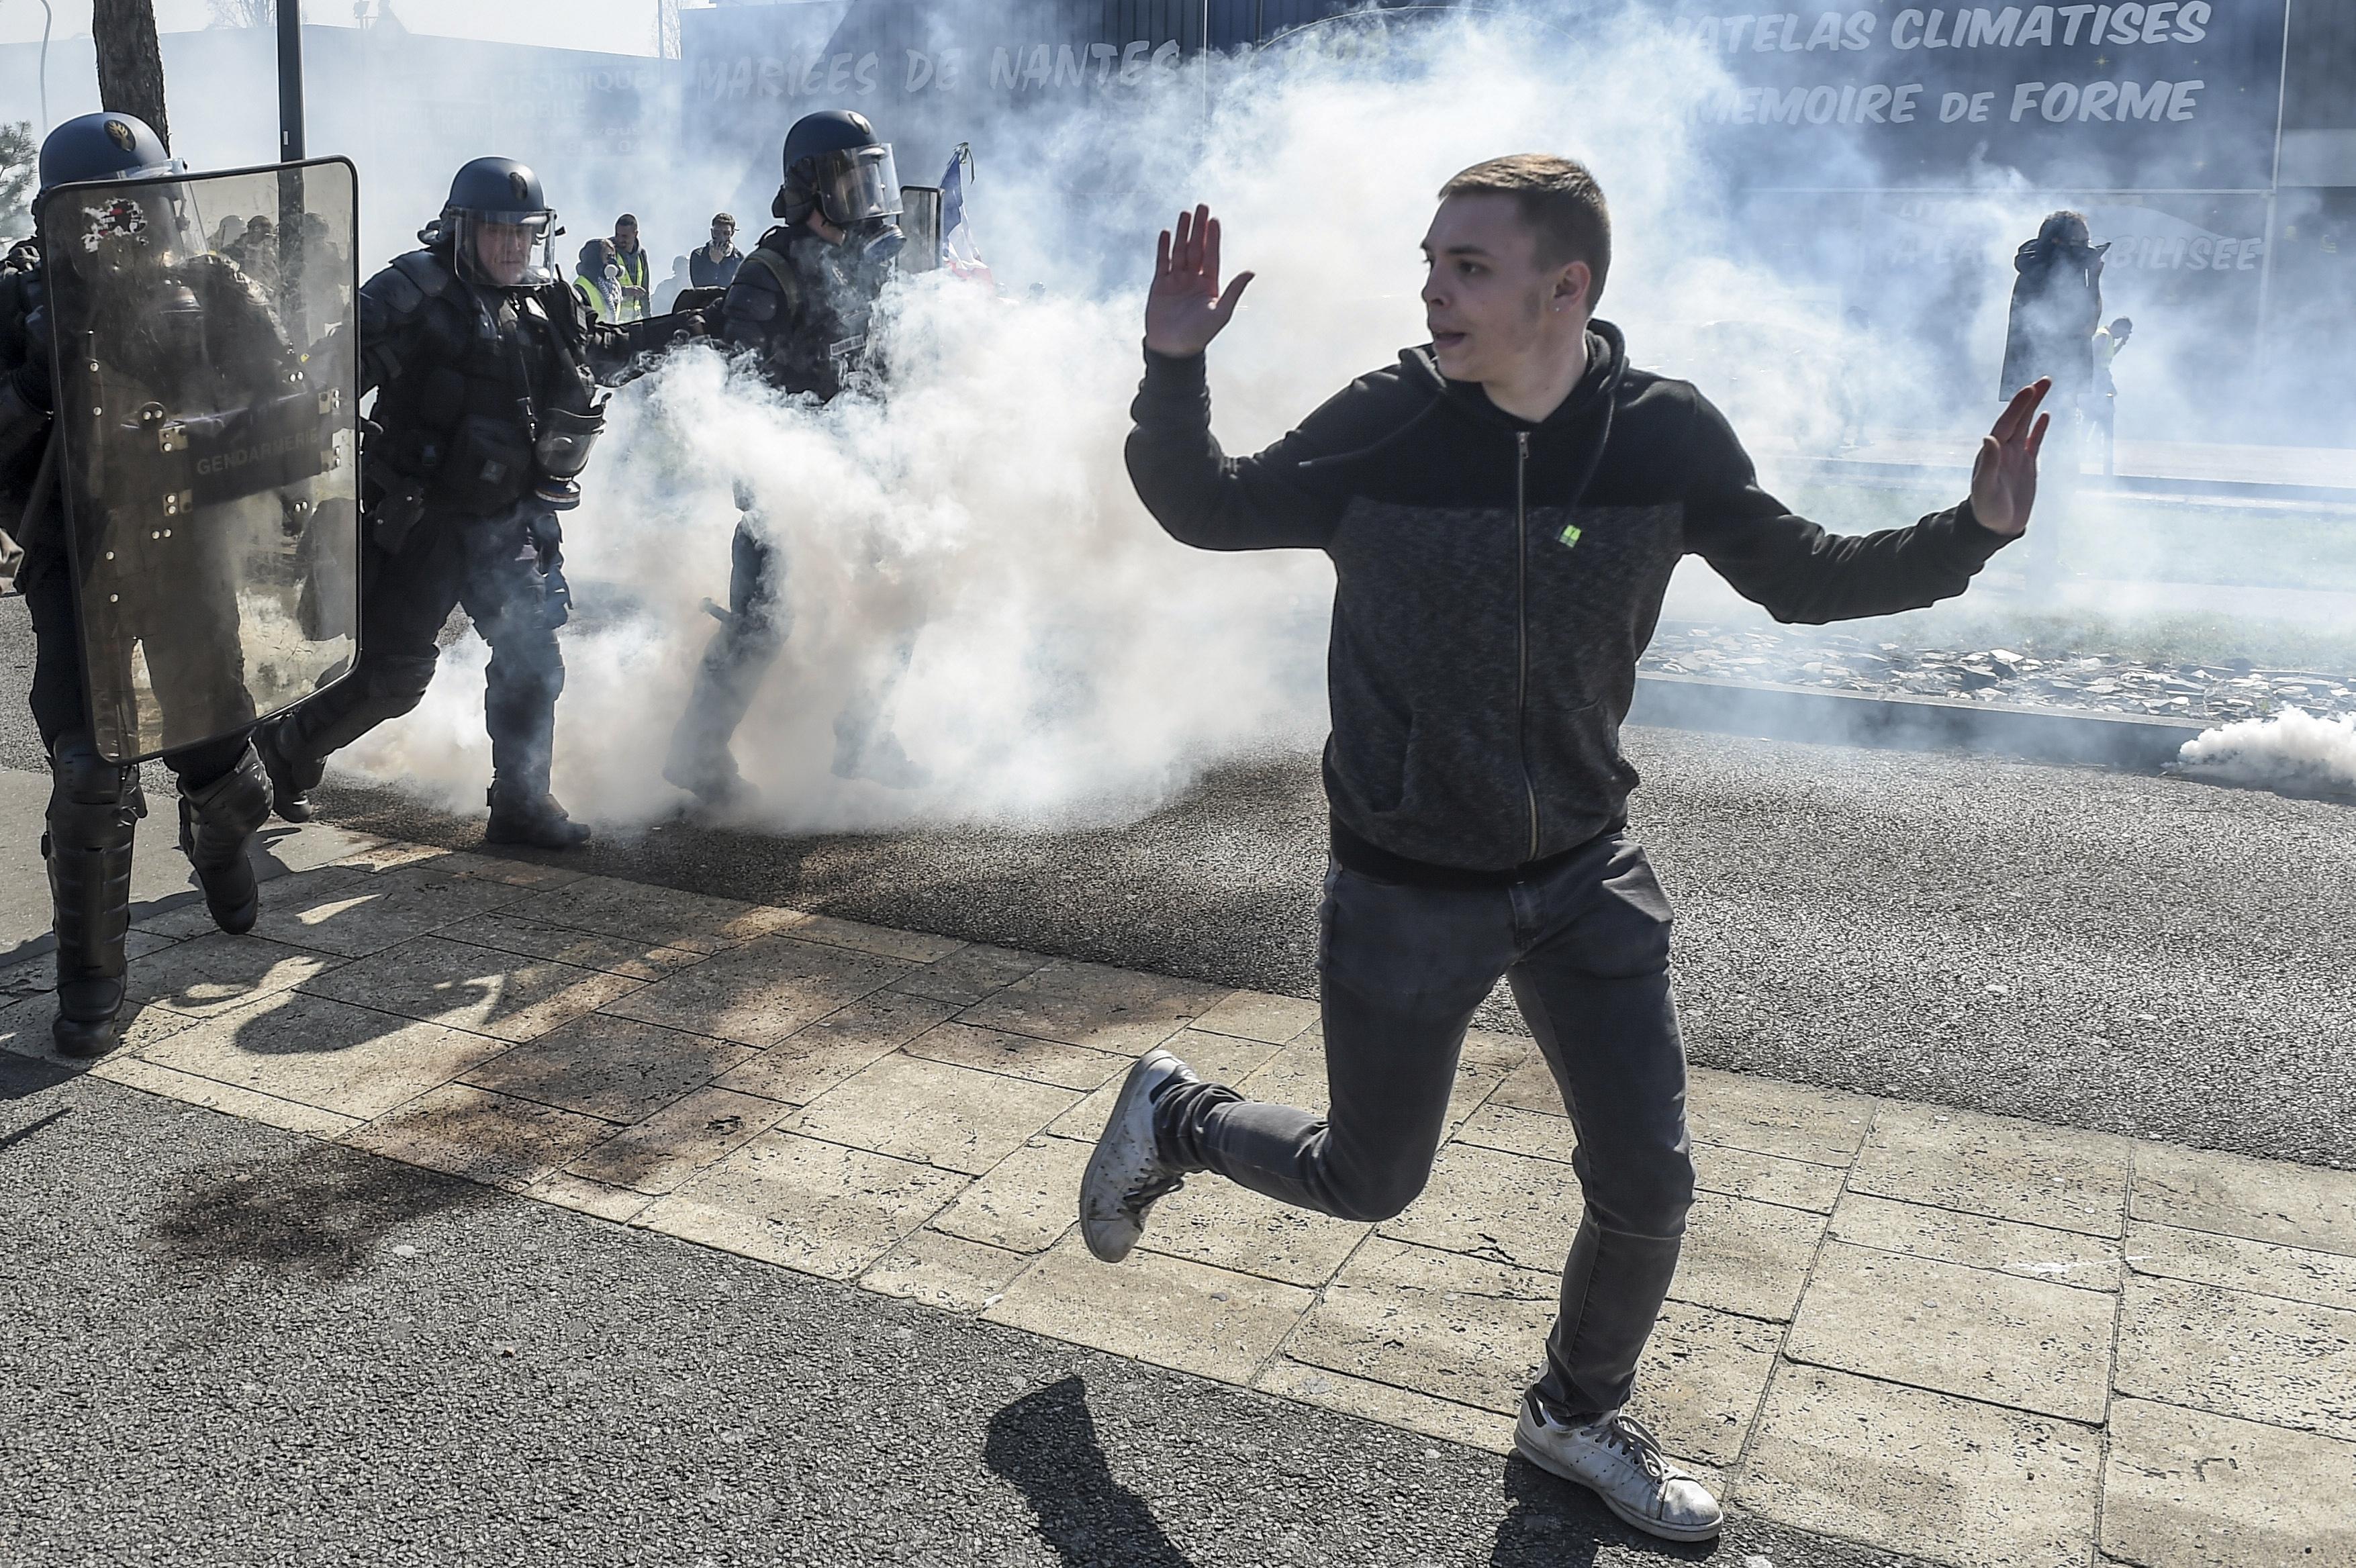 Párizs helyett a vidéki városokban csaptak össze a rendőrökkel a sárgamellényesek